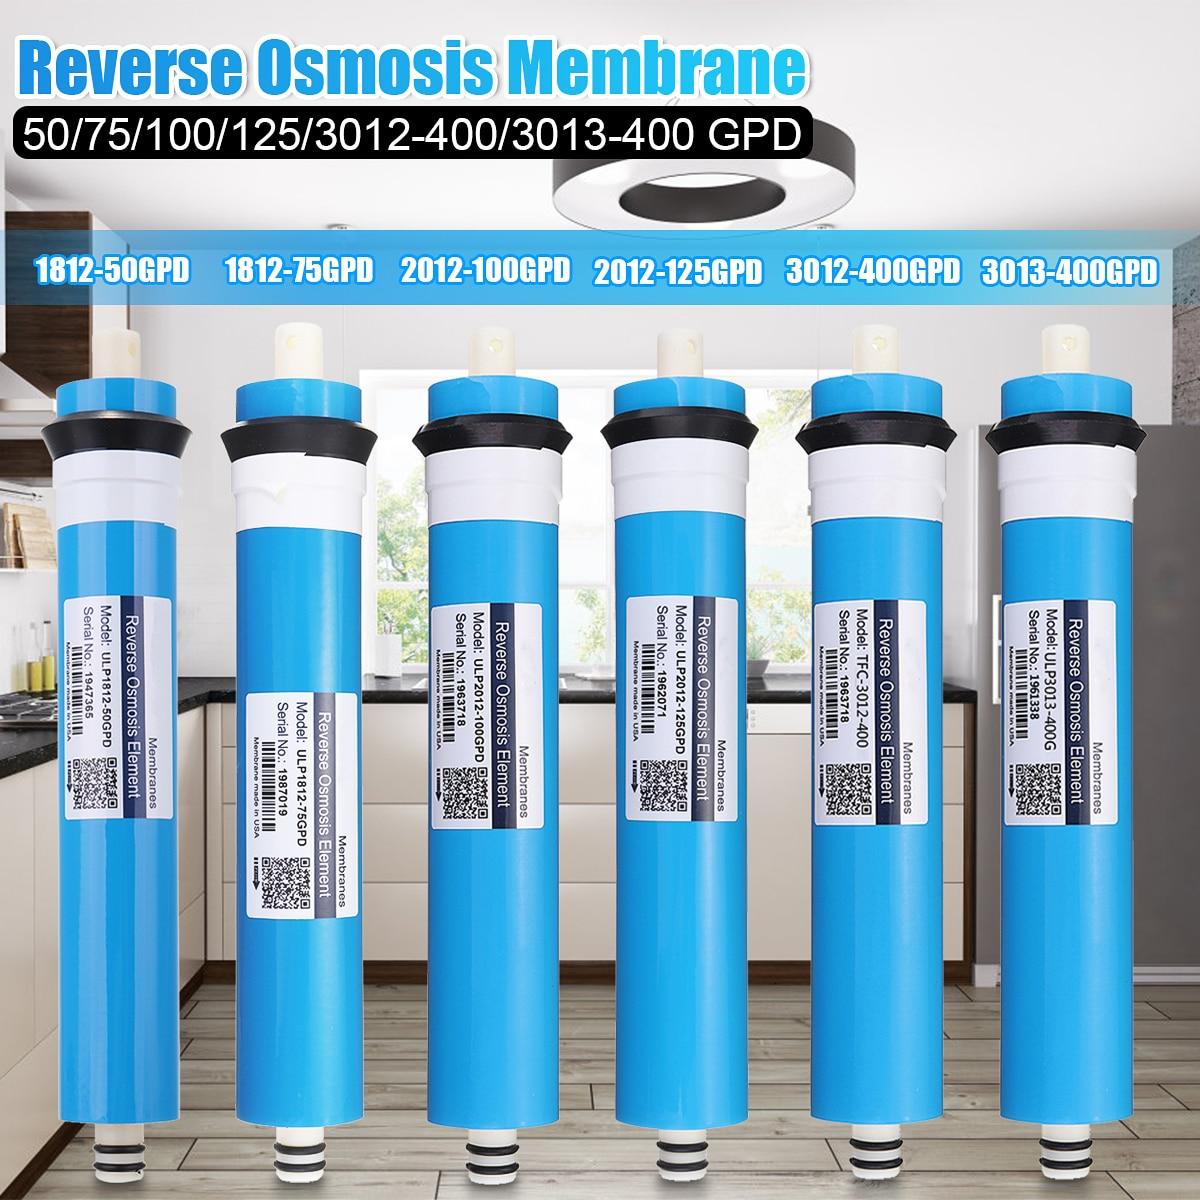 Home 100 GPD RO غشاء التناضح العكسي نظام استبدال المياه فلتر تنقية المياه الترشيح تقليل البكتيريا المطبخ